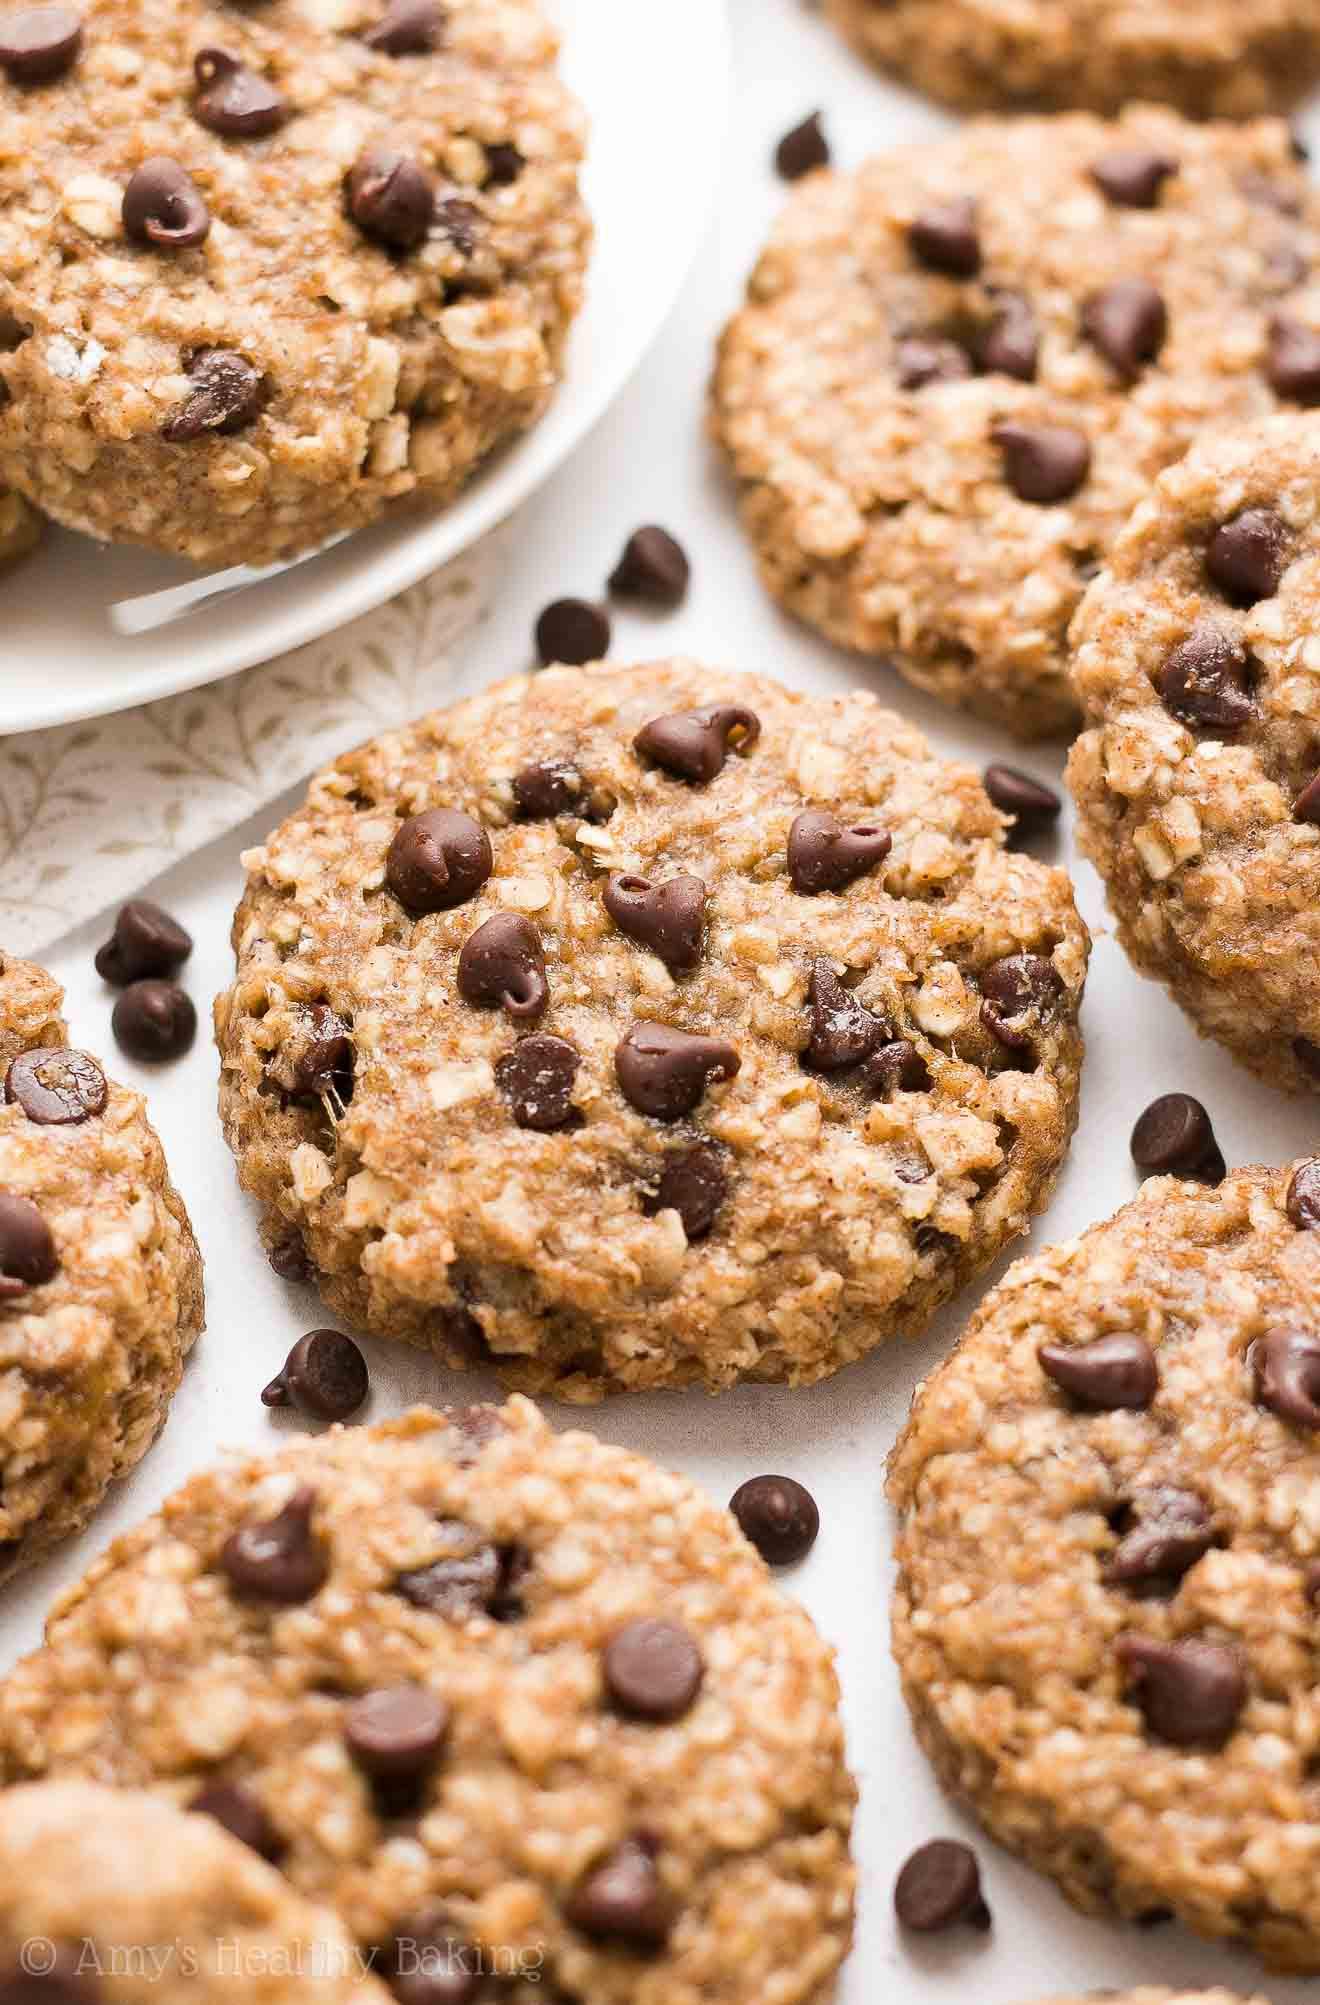 Banana Oatmeal Breakfast Cookies  Healthy Chocolate Chip Banana Oatmeal Breakfast Cookies